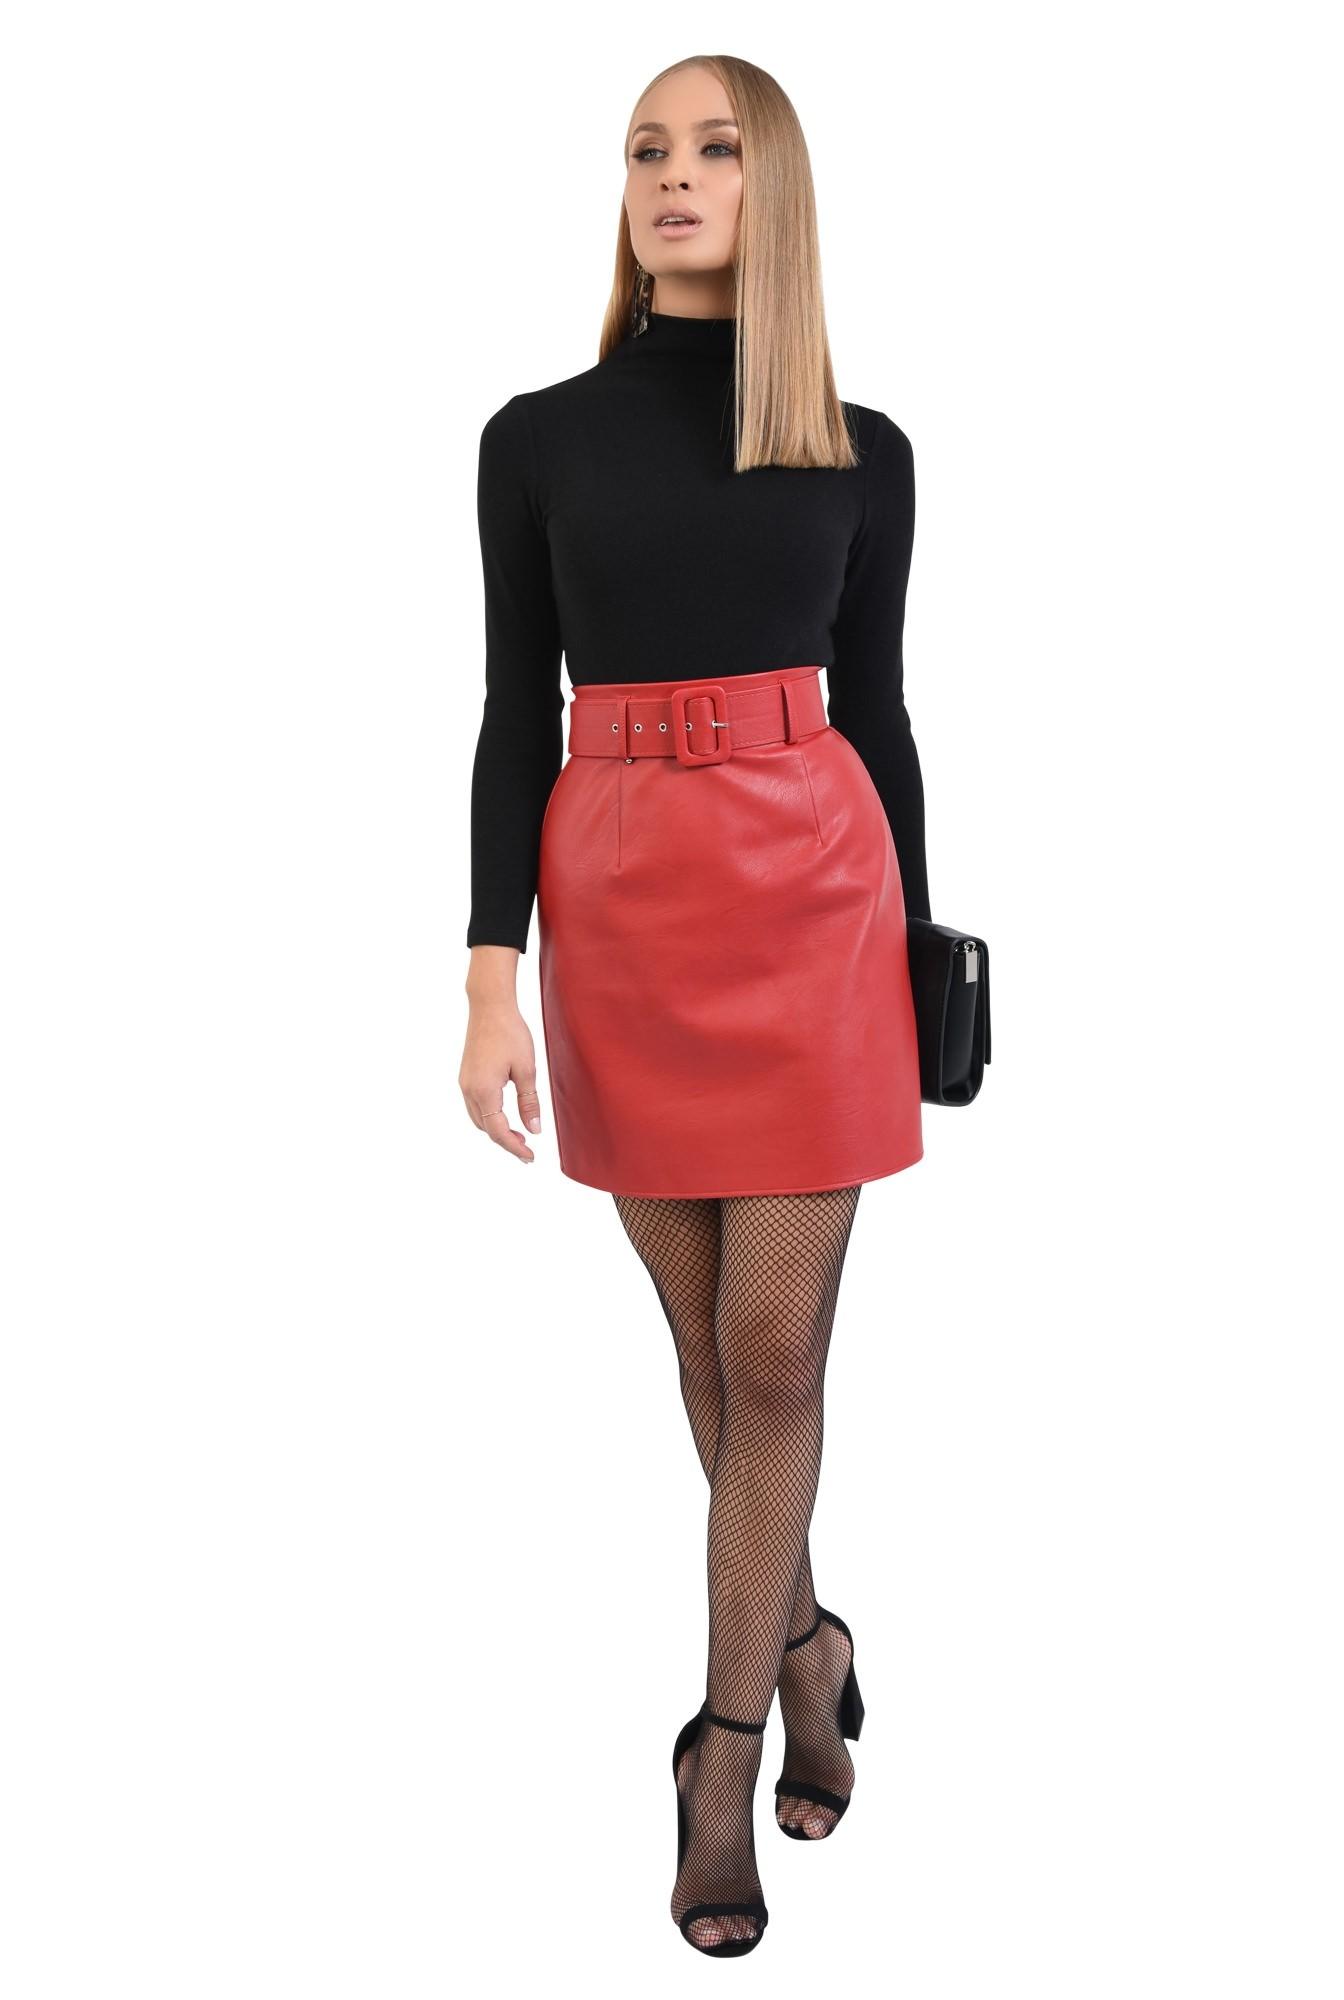 360 - fusta casual, scurta, rosie, cu centura, piele ecologica